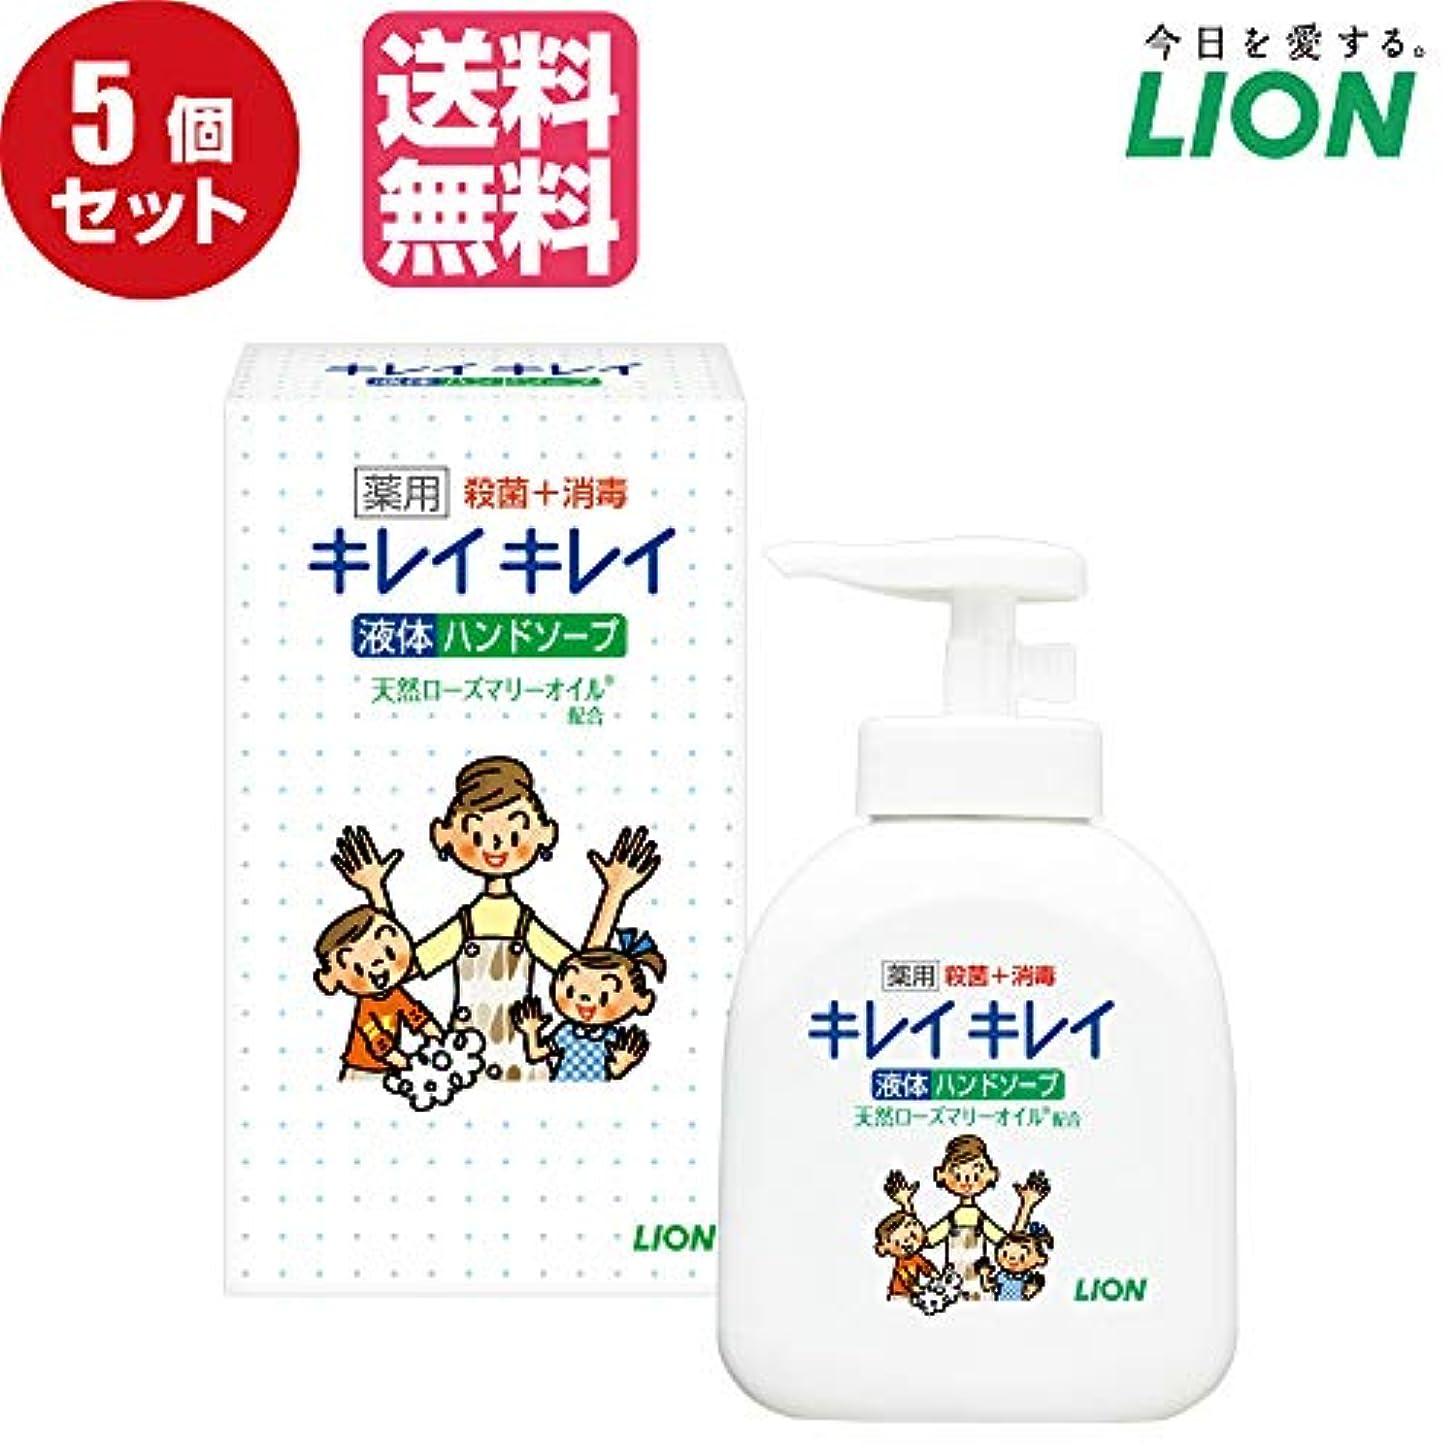 【5個セット販売】キレイキレイ薬用液体ハンドソープ250ml ノベルティギフト用化粧箱入